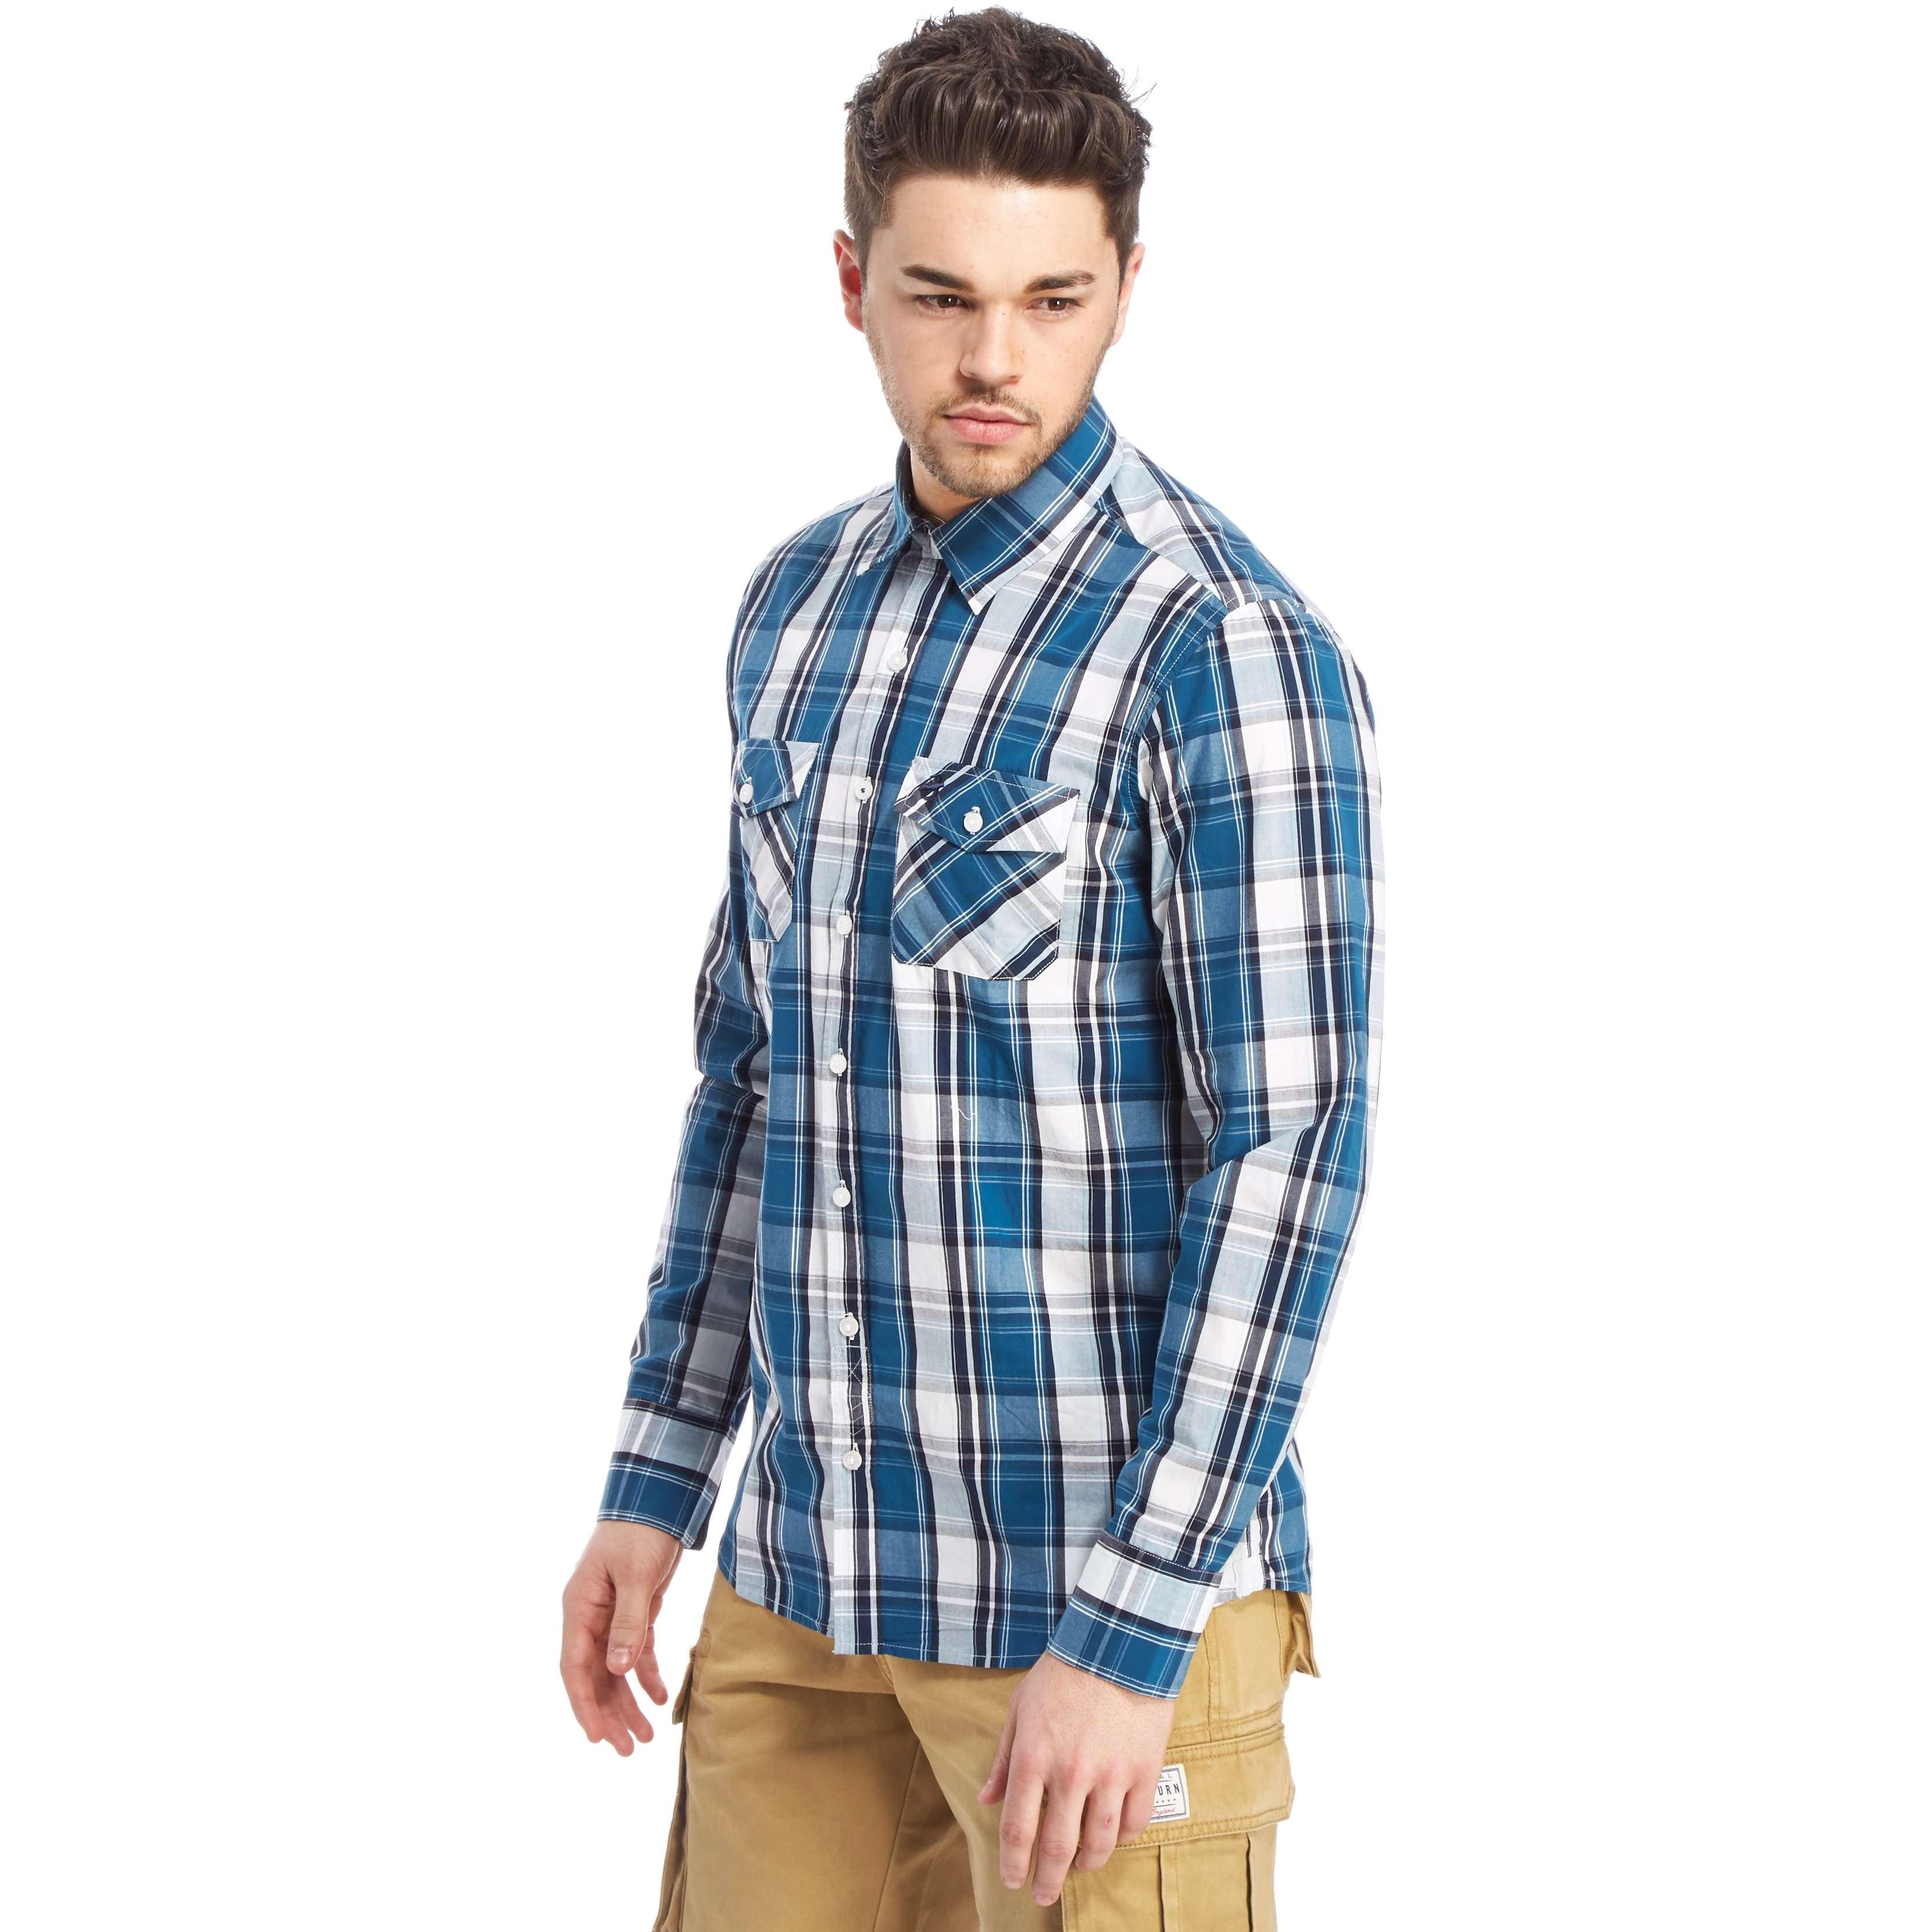 BRAKEBURN Men's Classic Check Long Sleeved Shirt